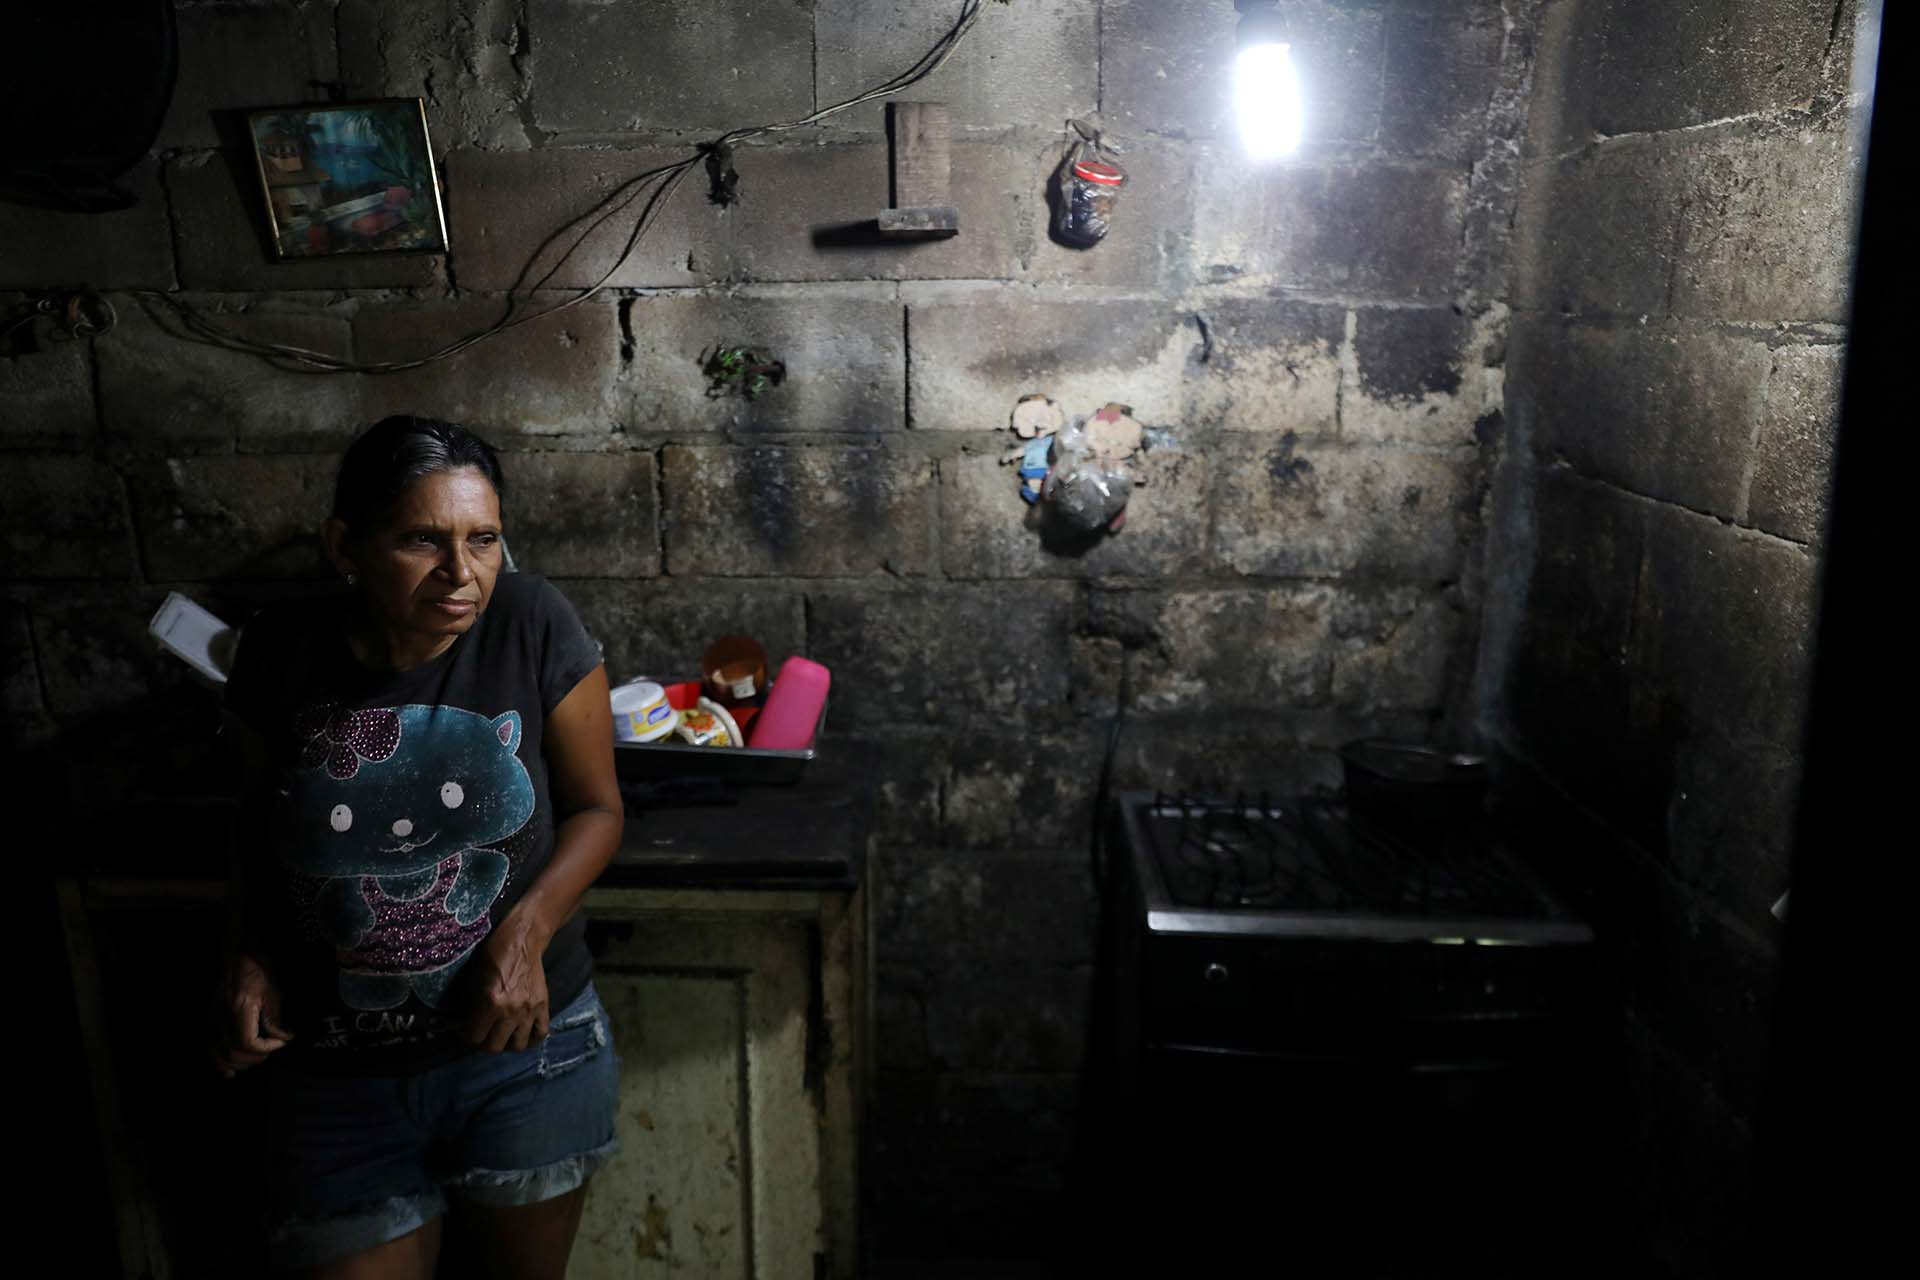 Andrea Carrasquelen la cocina de su casa en Maracay, Venezuela(REUTERS/Manaure Quintero)